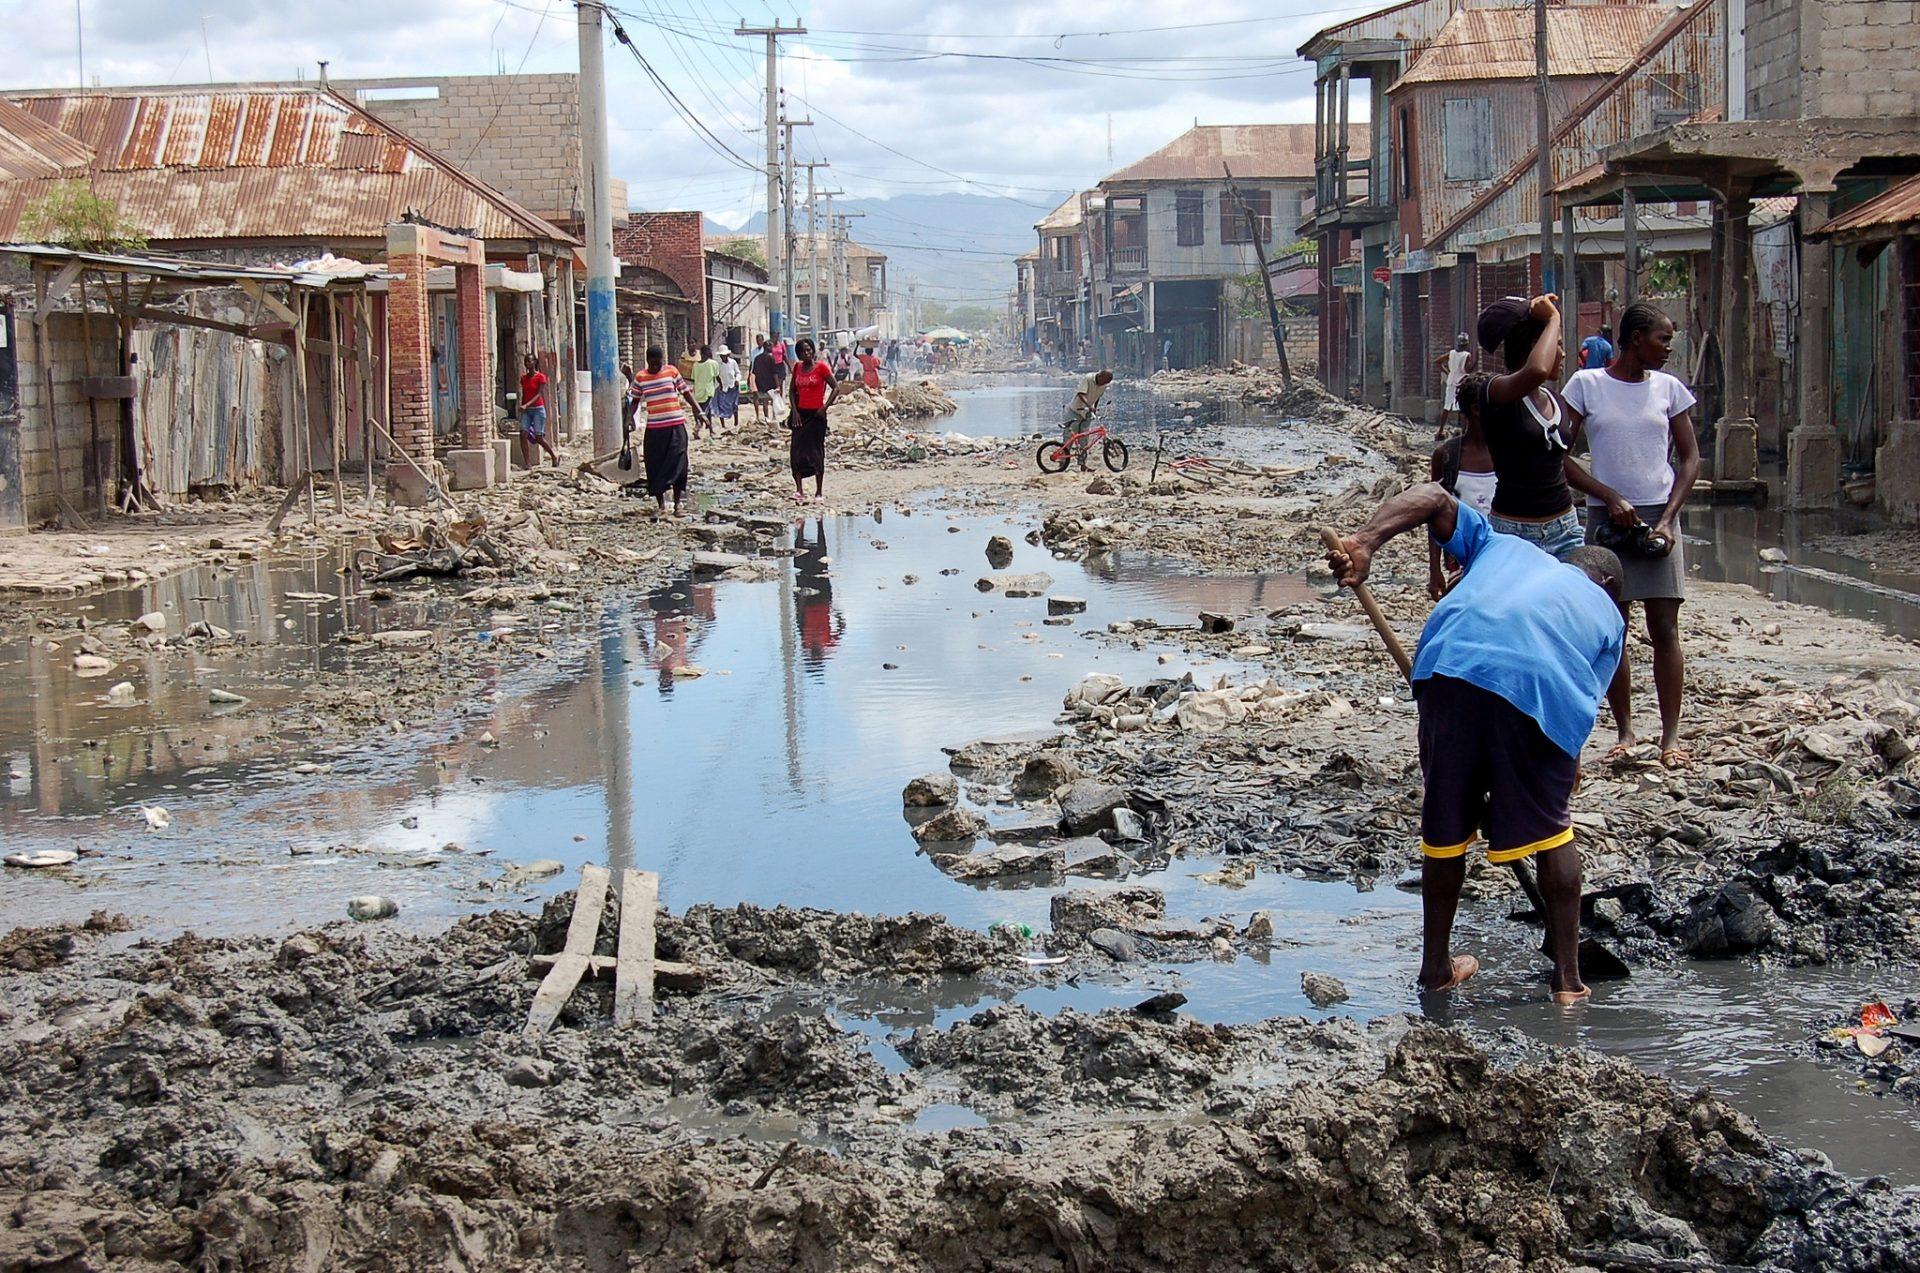 Brasil perde R$56 bilhões por ano por falta de investimento em saneamento